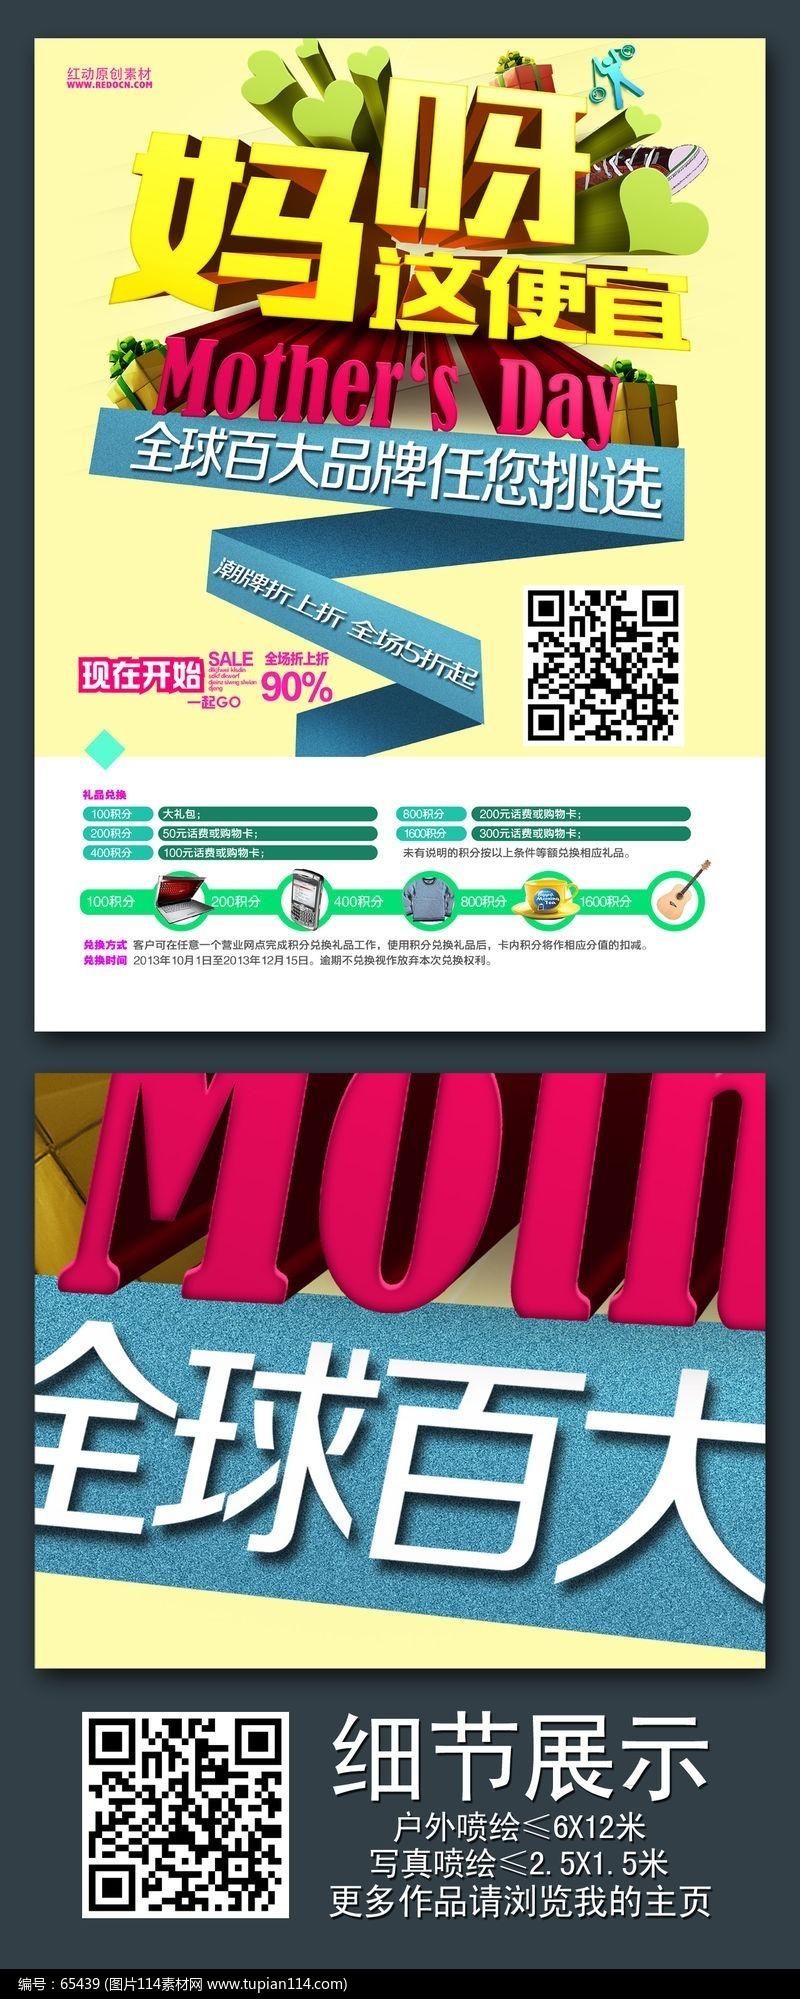 母亲节活动促销海报设计